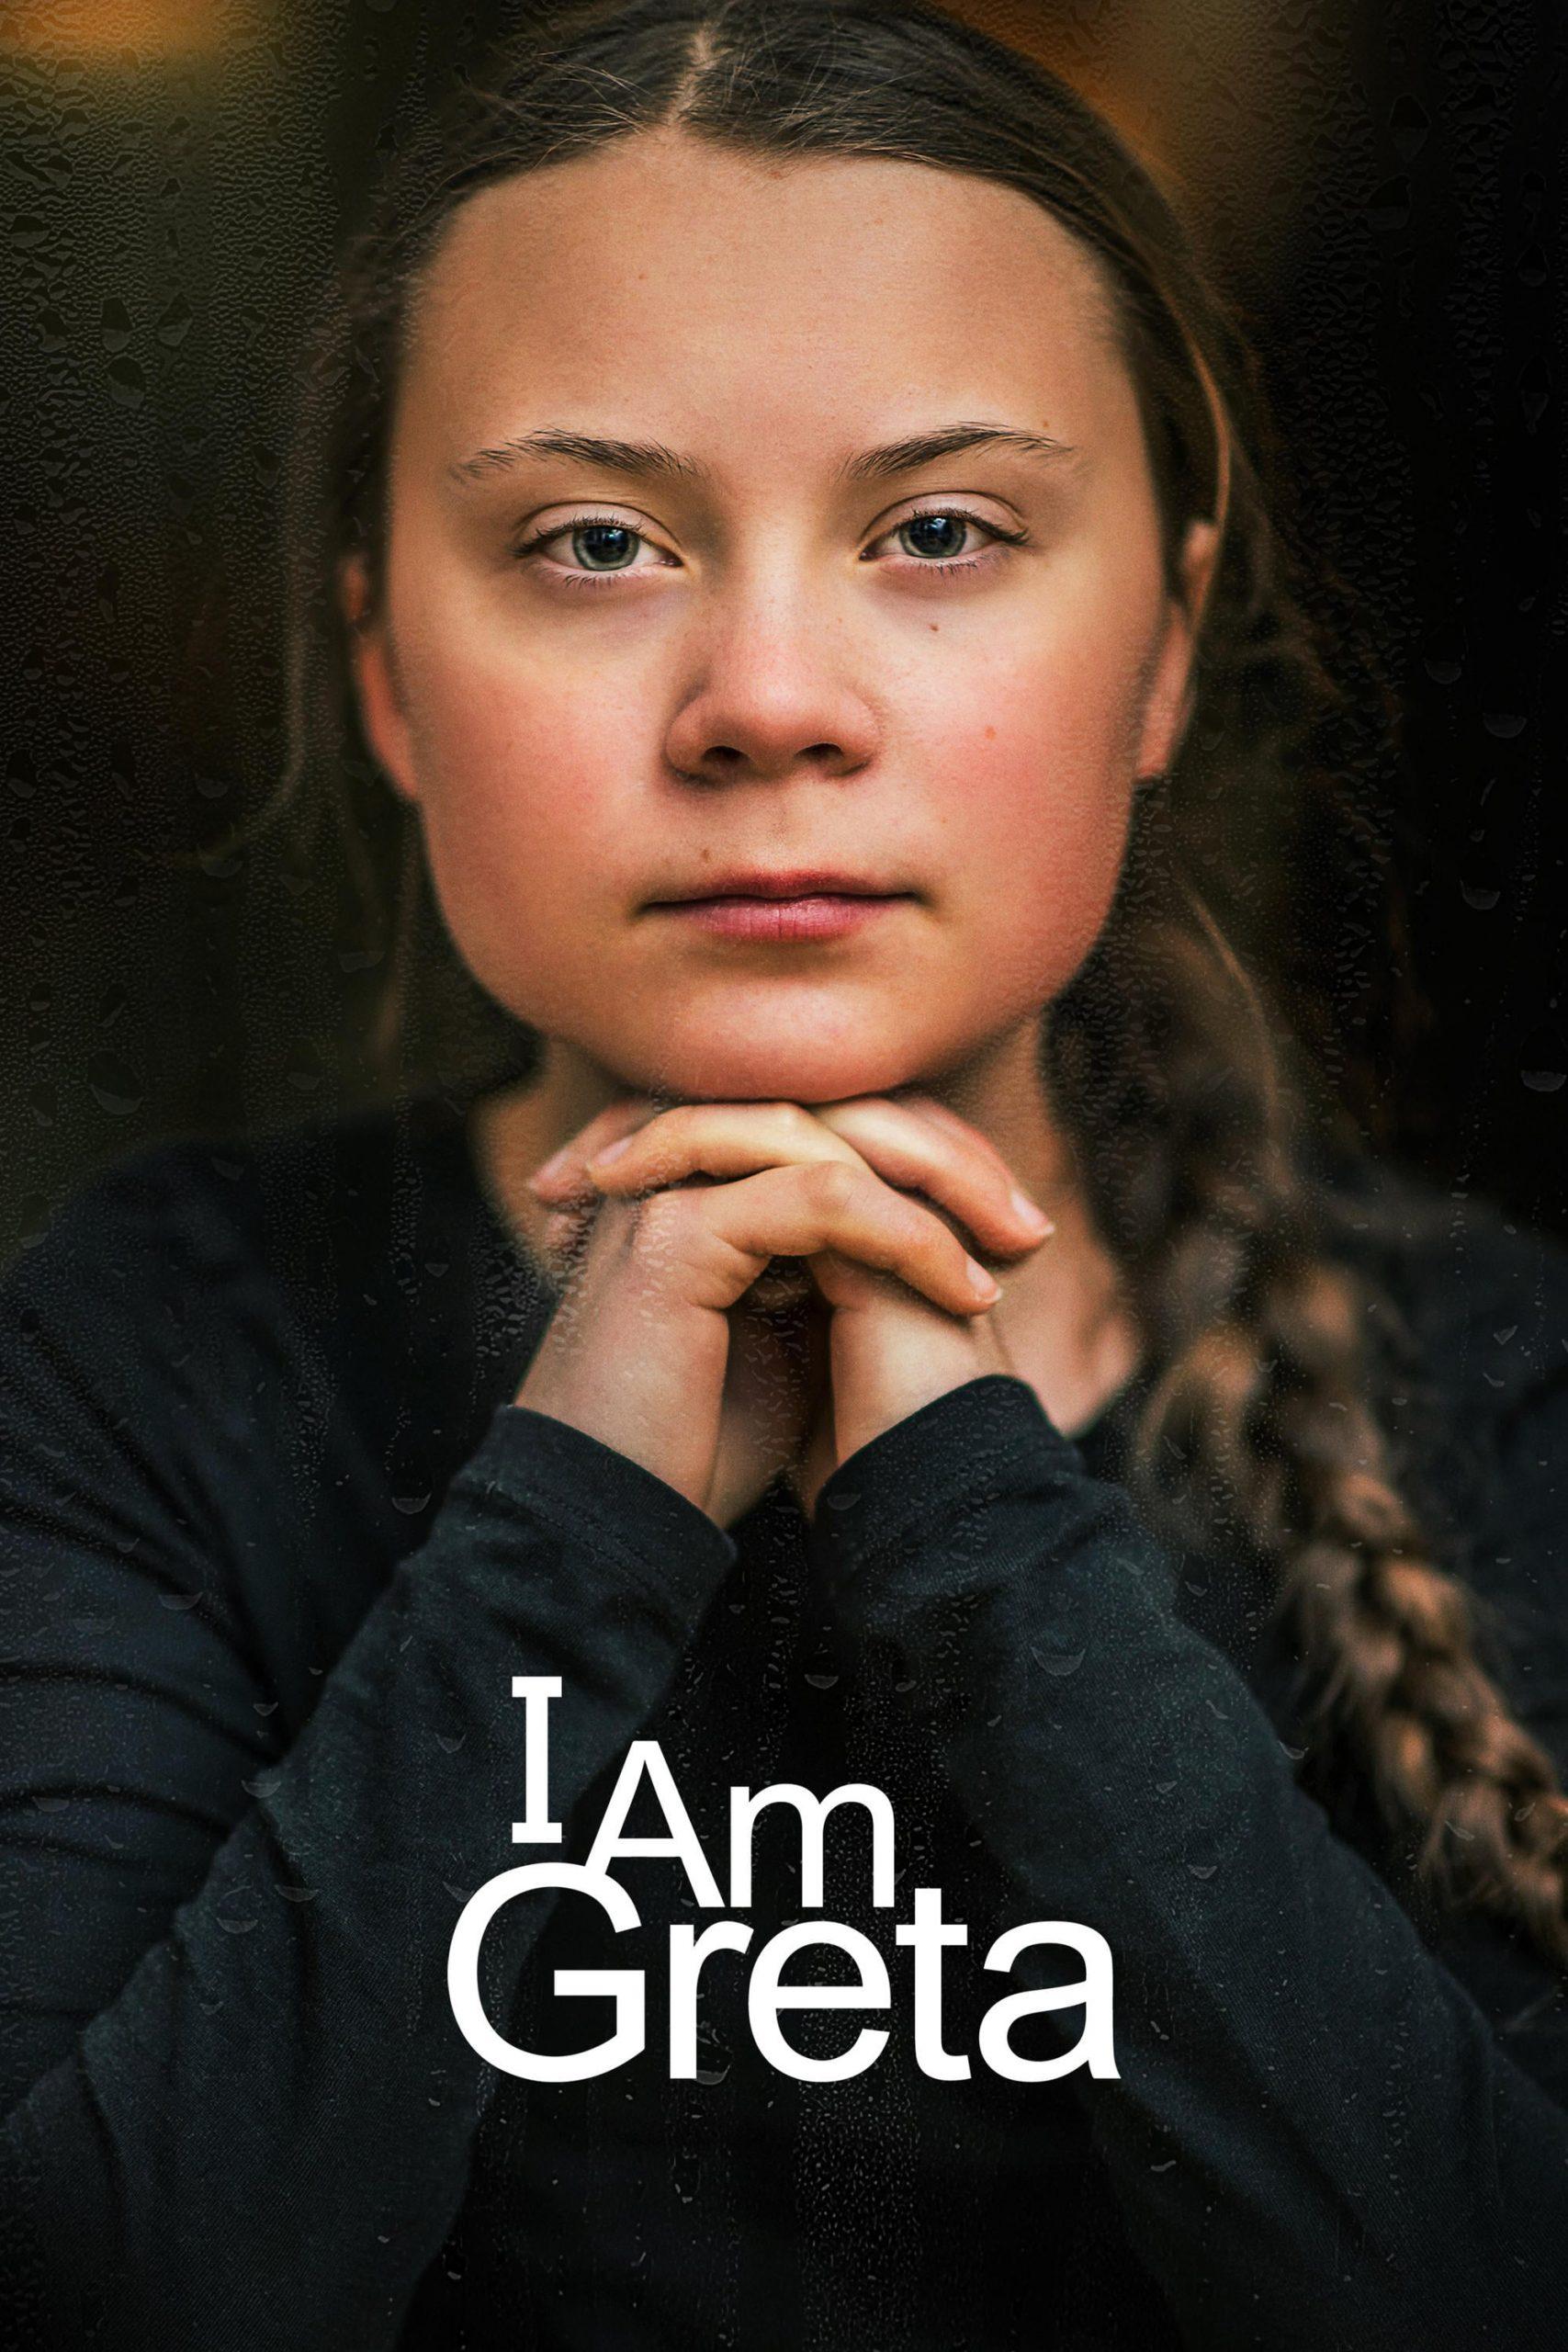 دانلود فیلم I Am Greta 2020